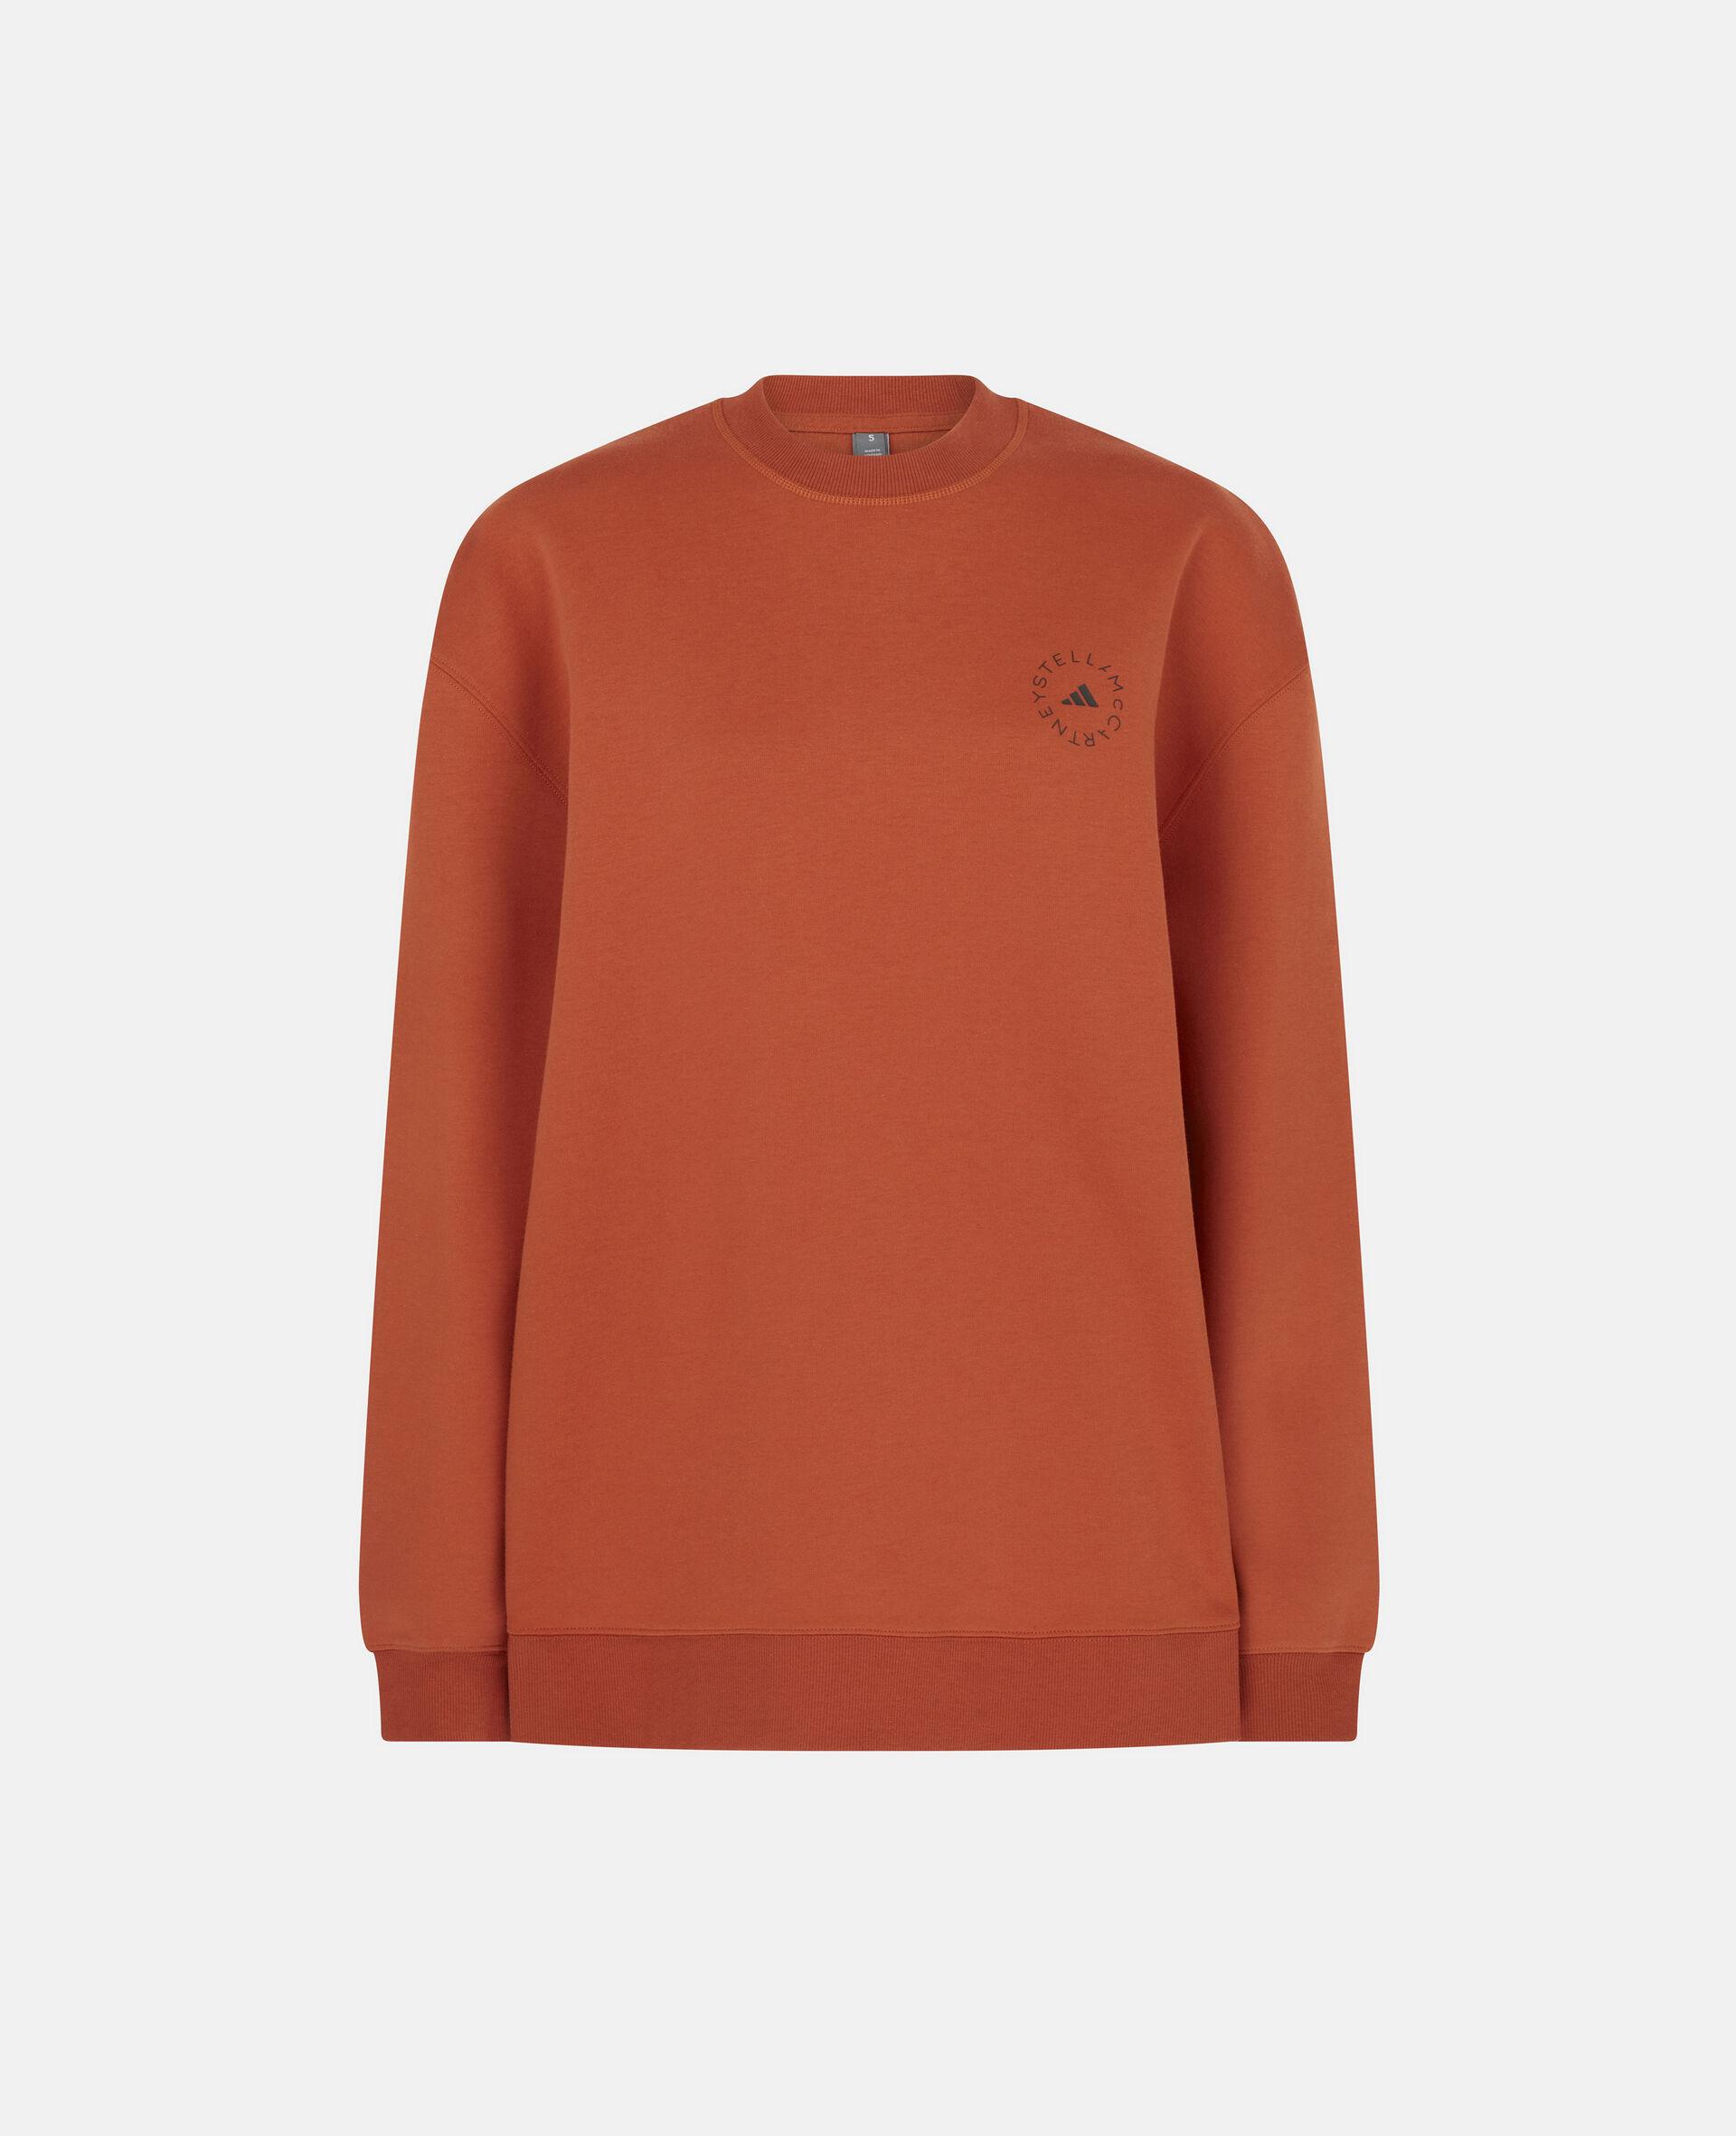 Orange Training Sweatshirt-Orange-large image number 0